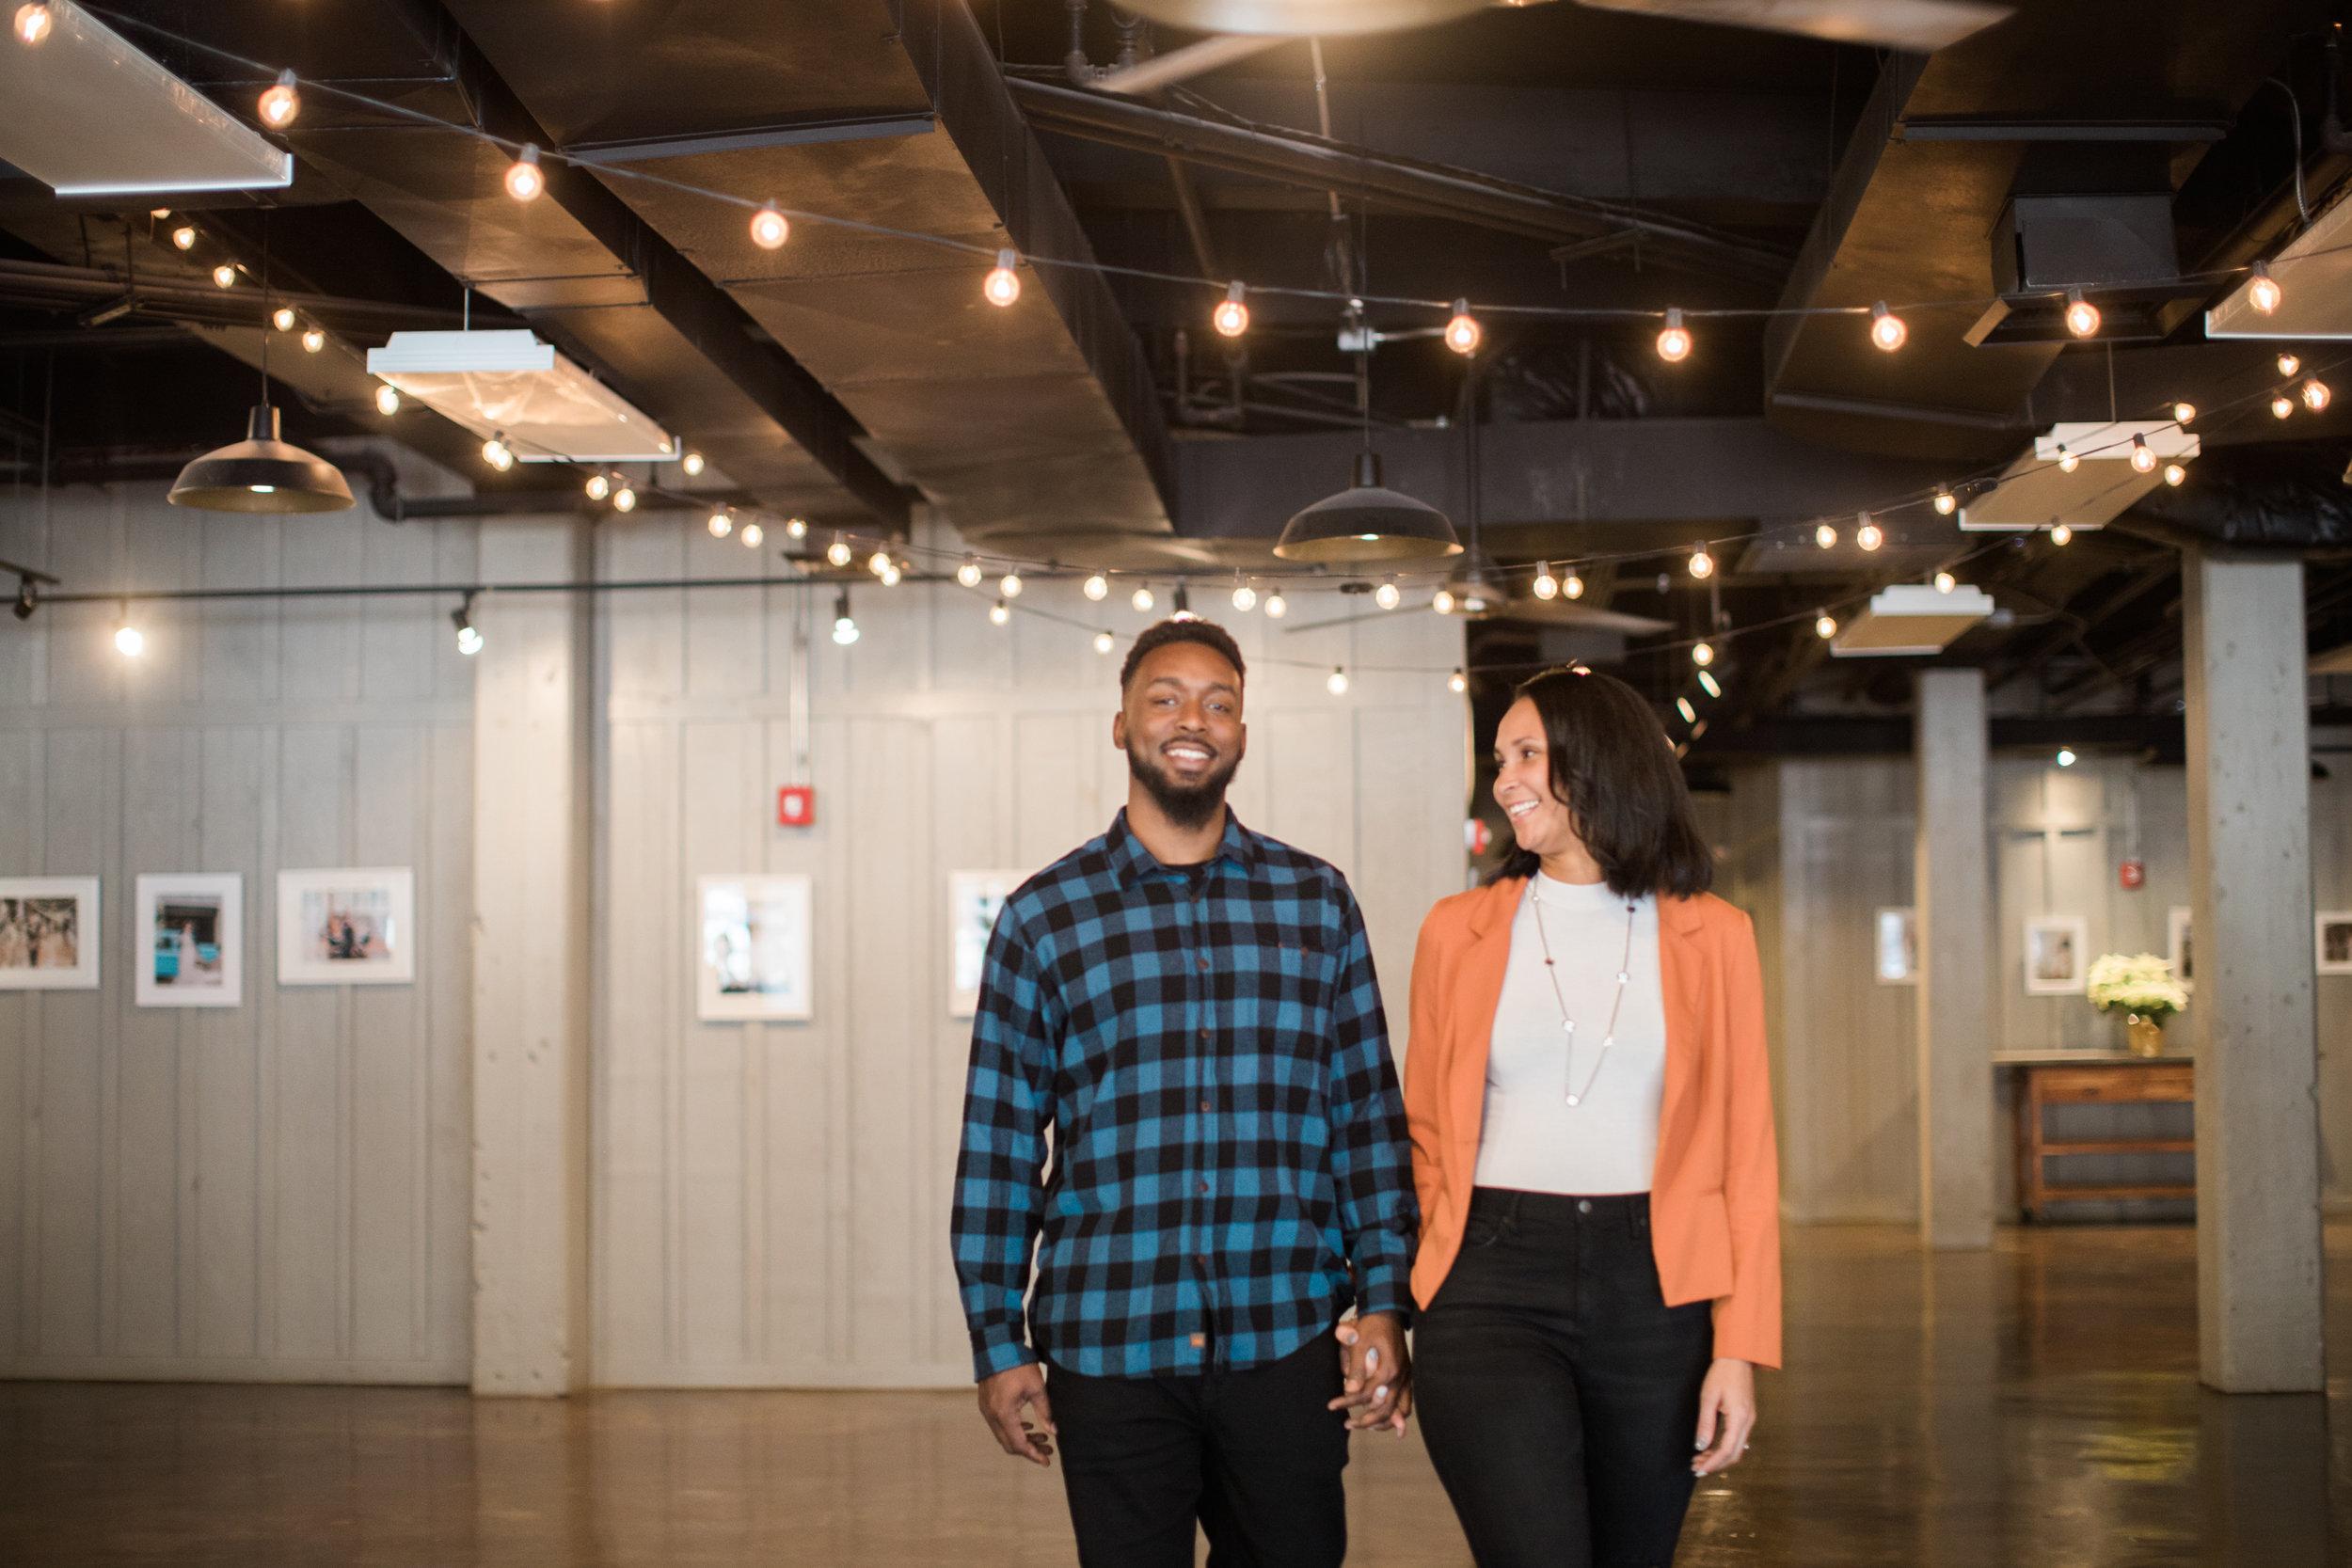 Black engaged couple maryland wedding photographer megapixels media photography main street ballroom ellicott city-5.jpg